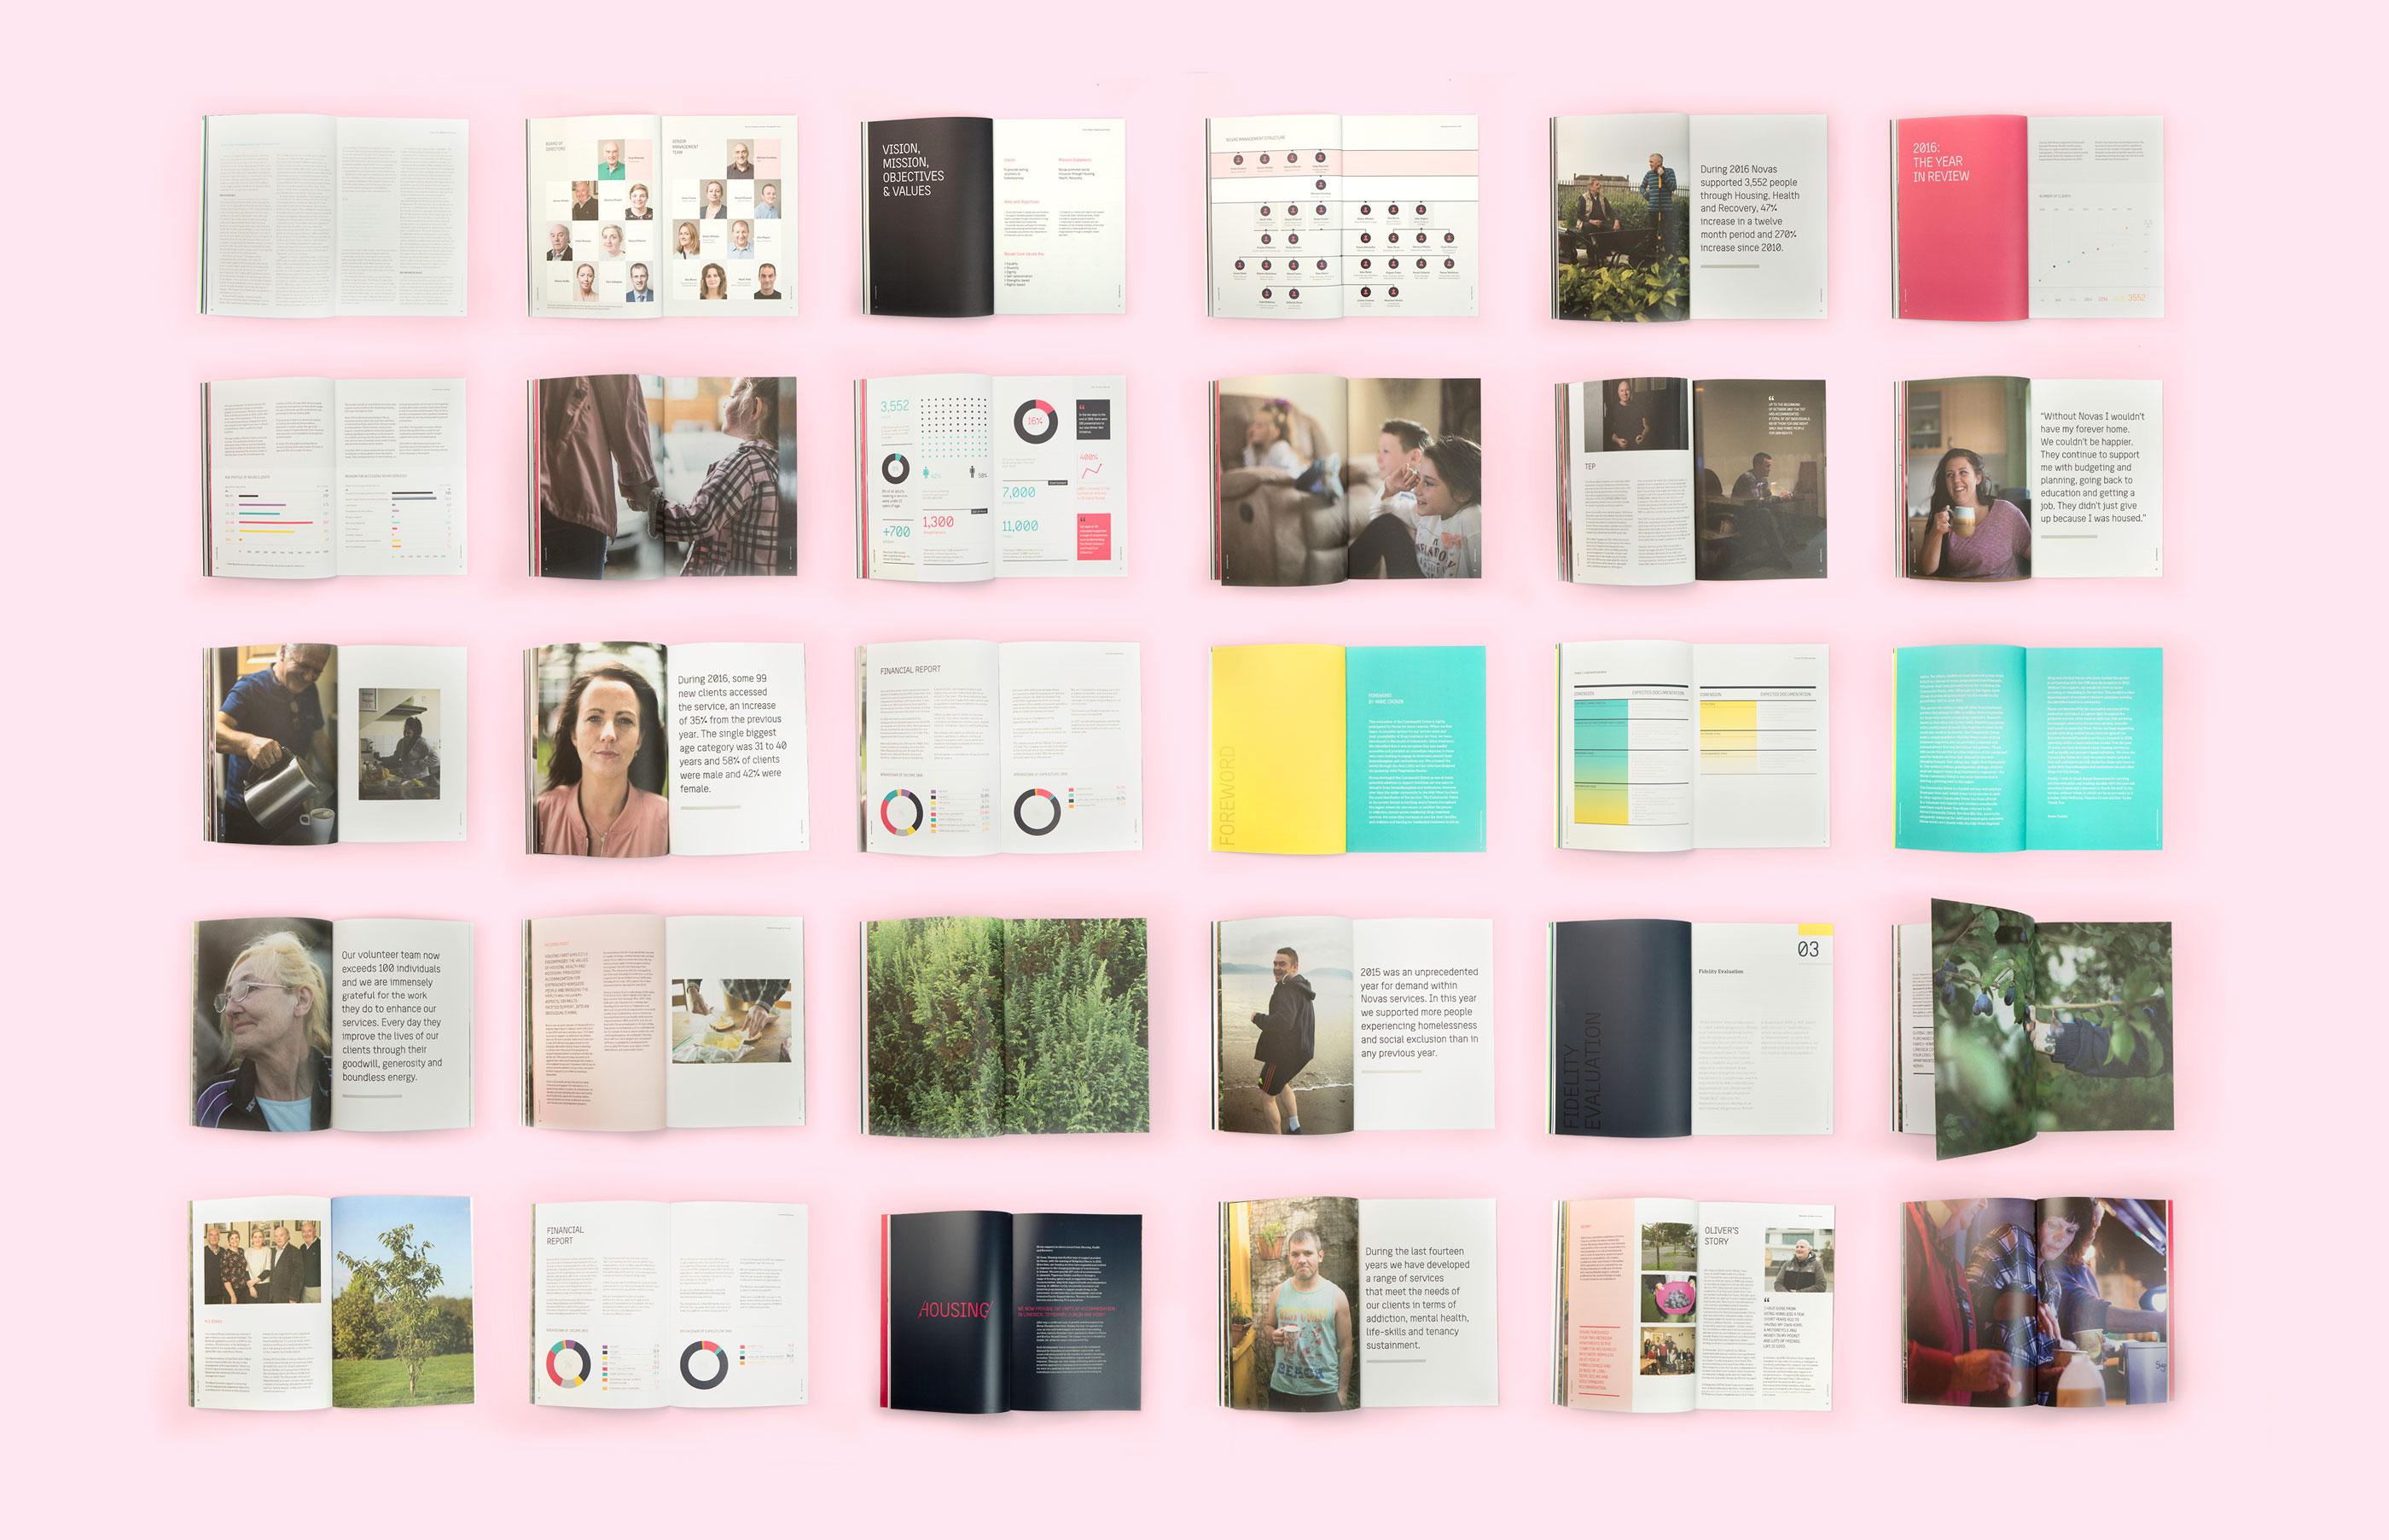 Novas brand development, content creation, editorial design and print. Images of Novas publications